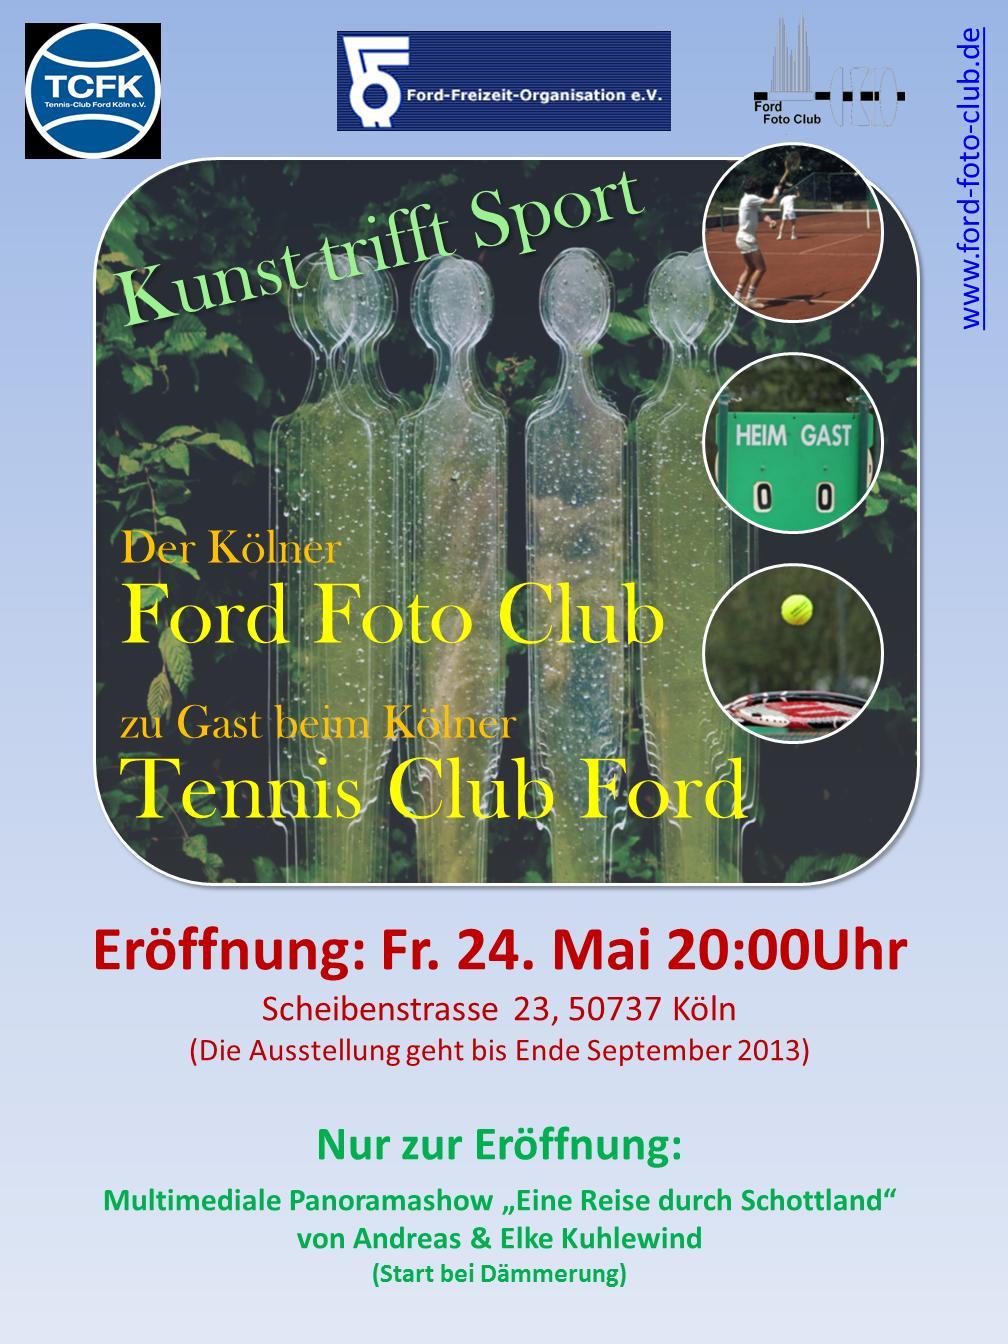 Ford_Foto-Club_Koln_zu_Gast_beim_TCFK-EB+AK+SD